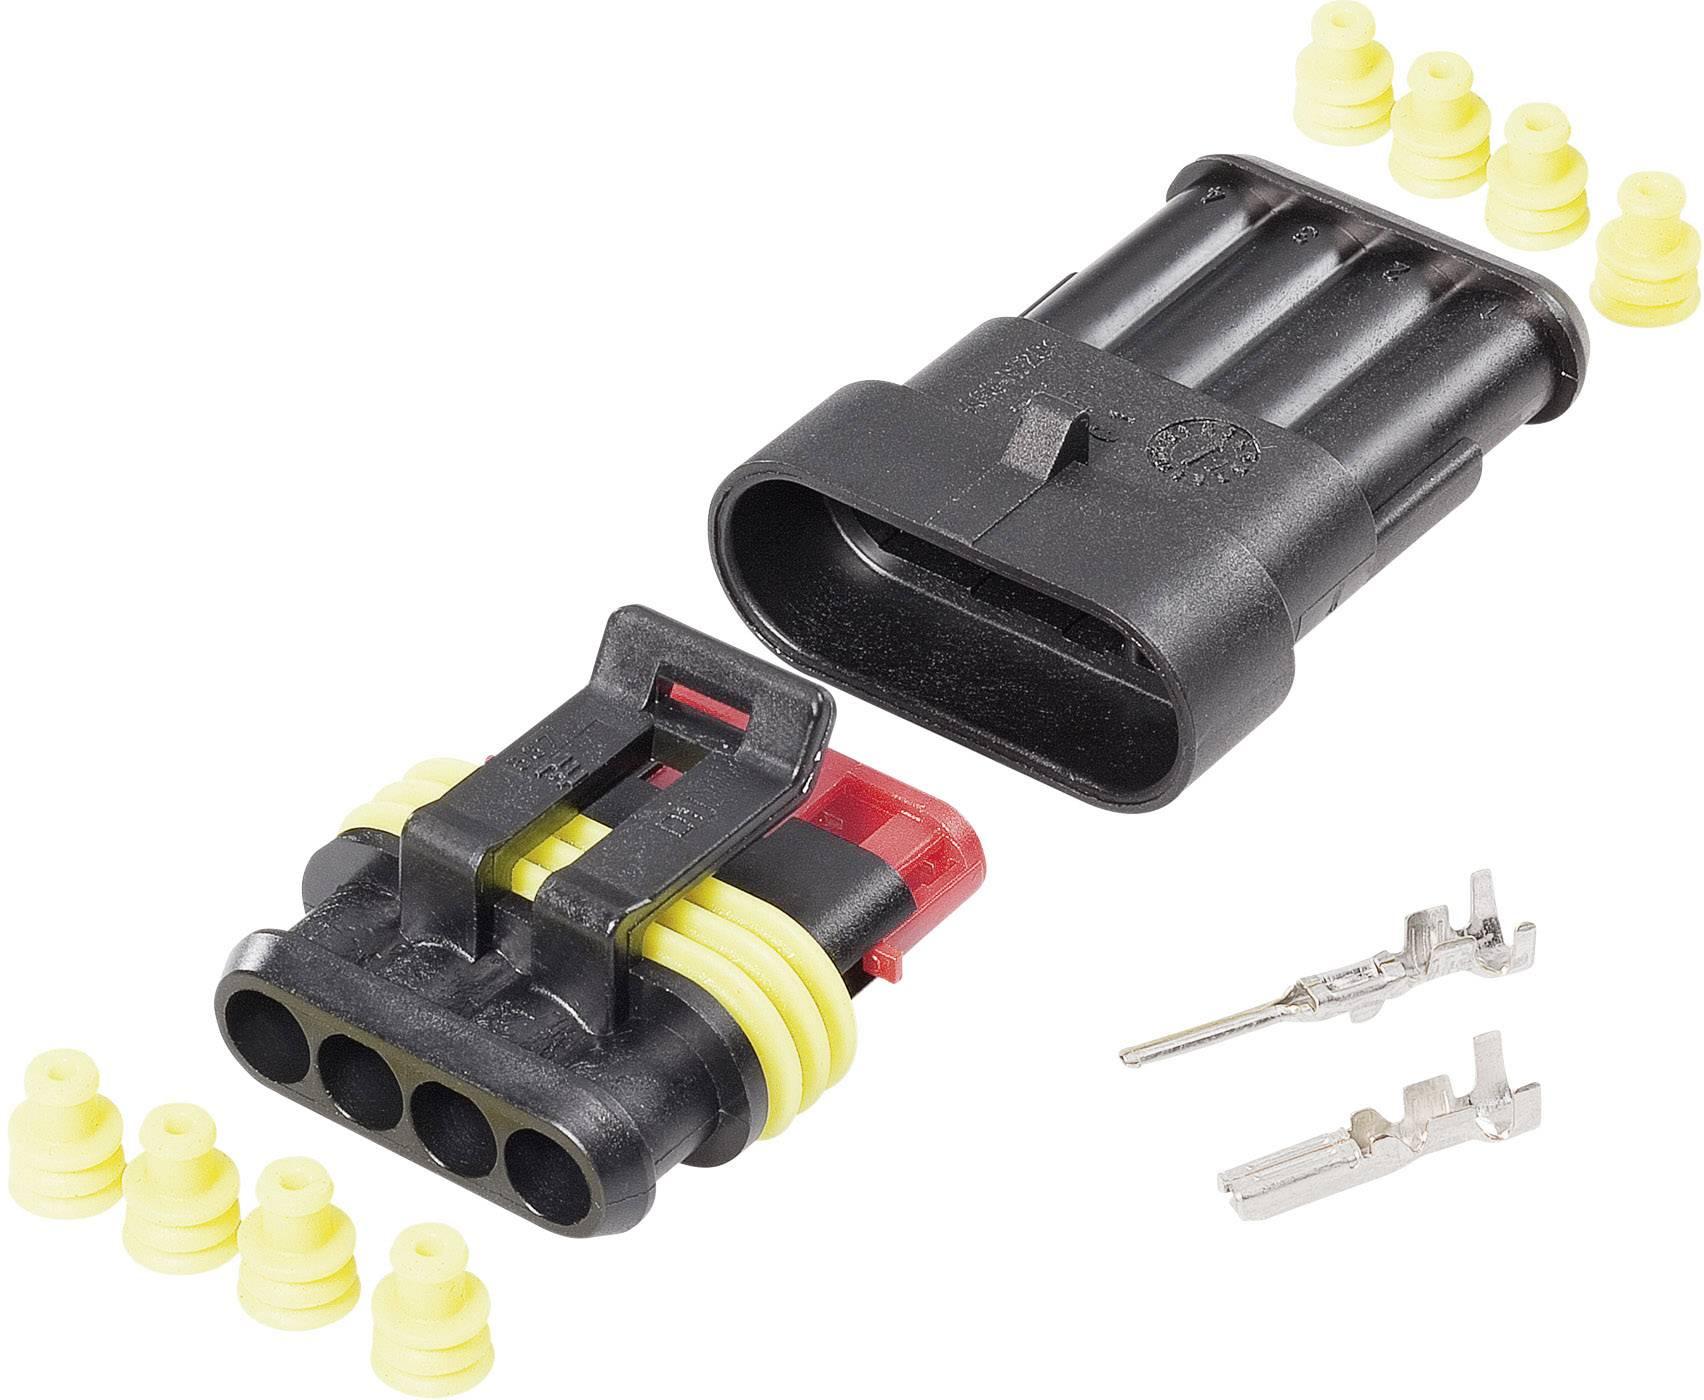 Sada konektorů Superseal TE Connectivity 4016139188287, pólů 4, rozteč 6 mm, 1 balení